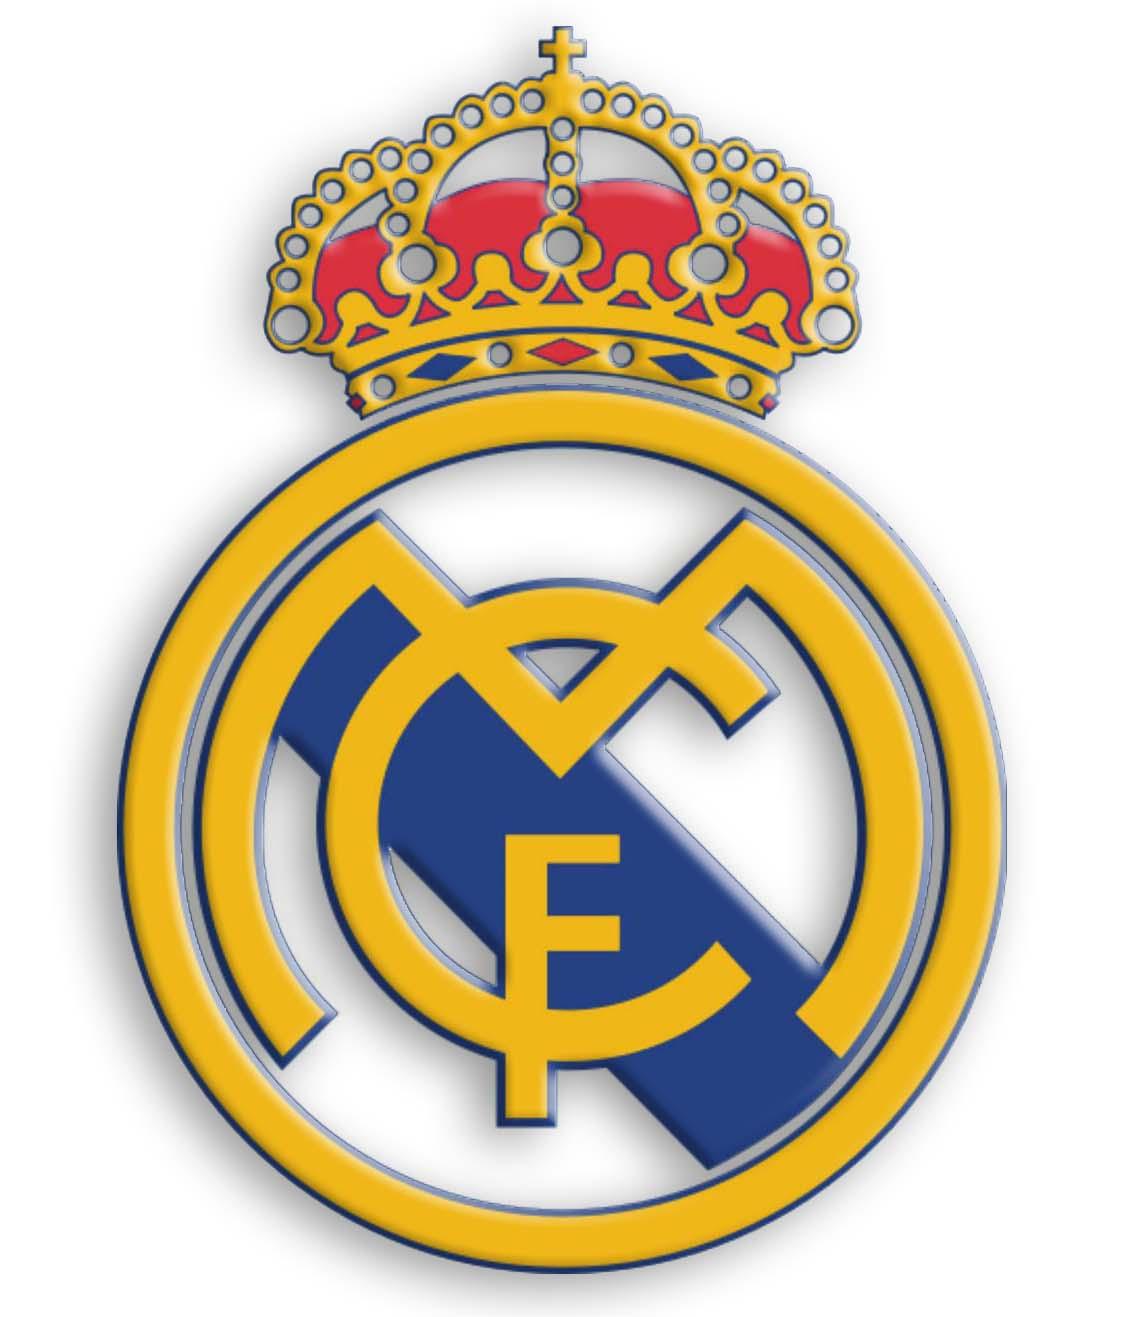 Real Madrid Para Plir Los Deseos Del Madrid Harian Falta Los Reyes